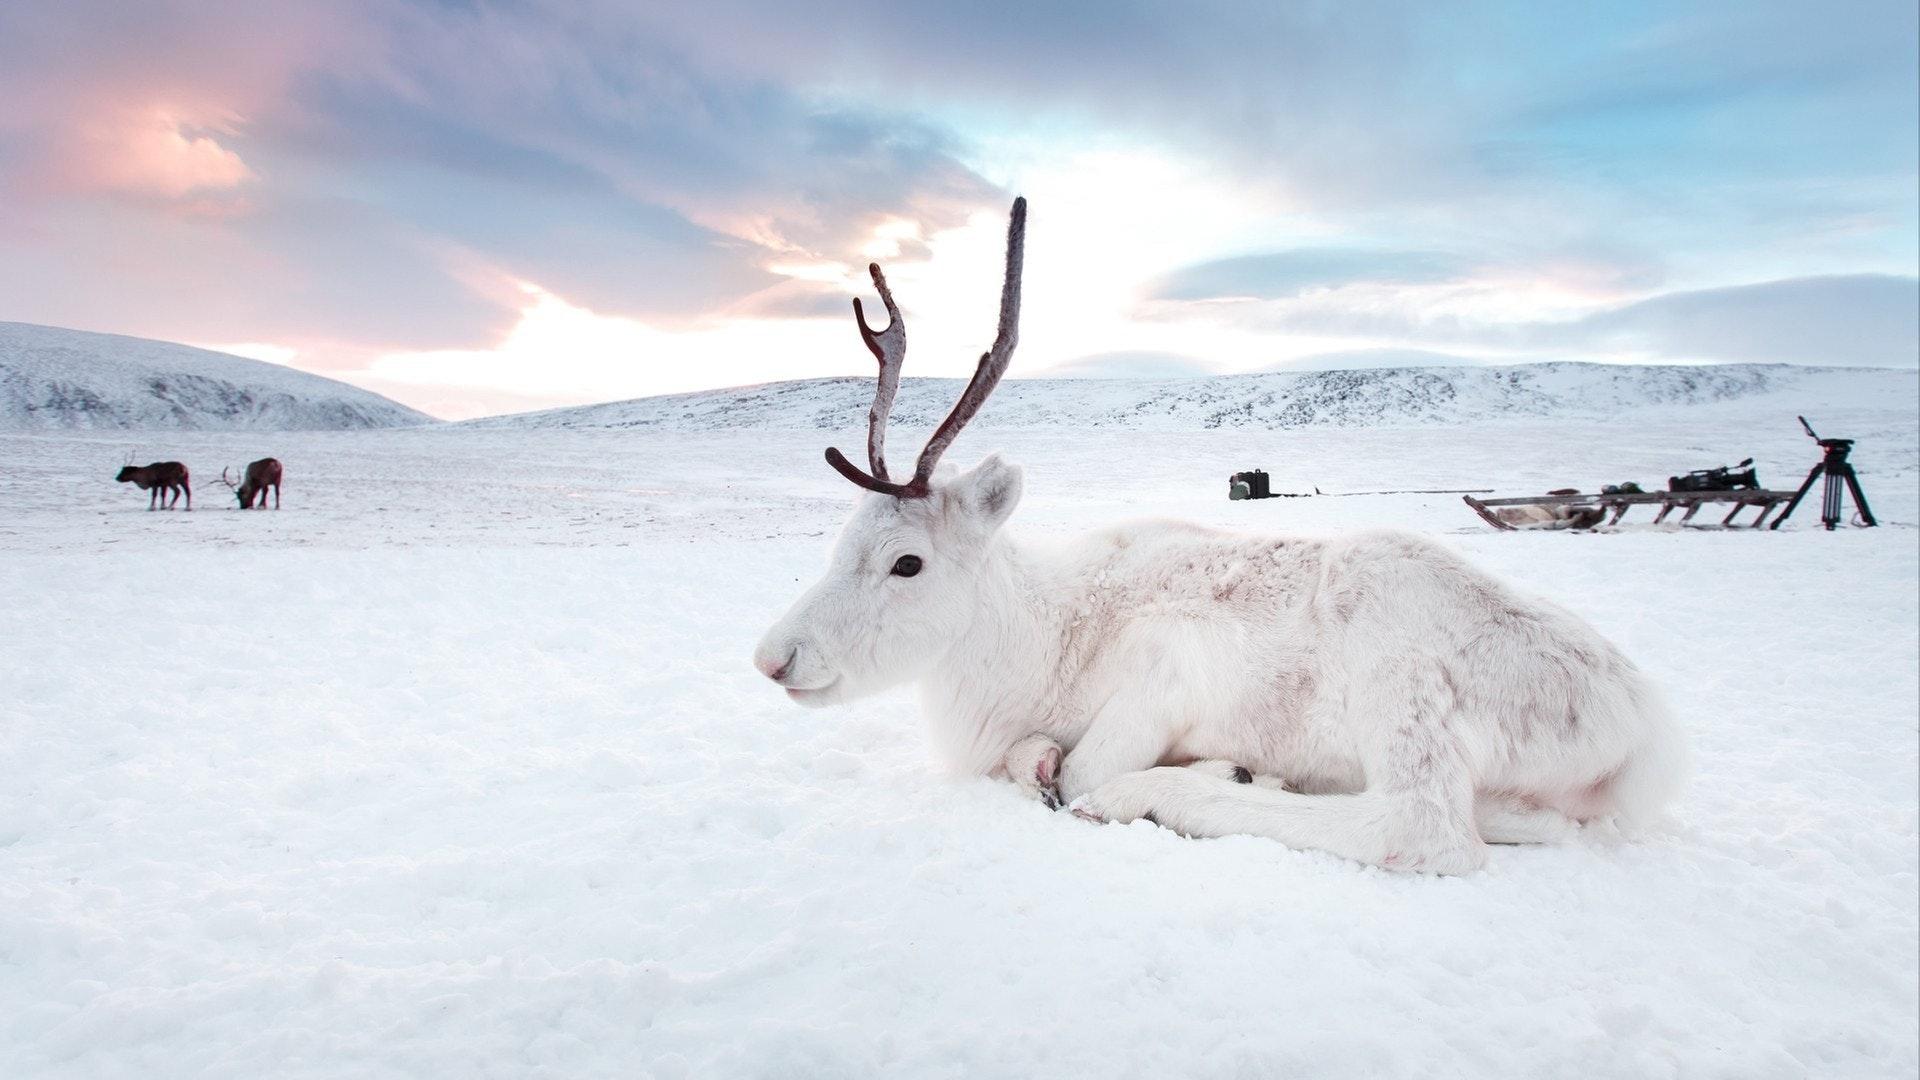 シベリア、ロシア、ヤマルの砂漠で冬の白い鹿